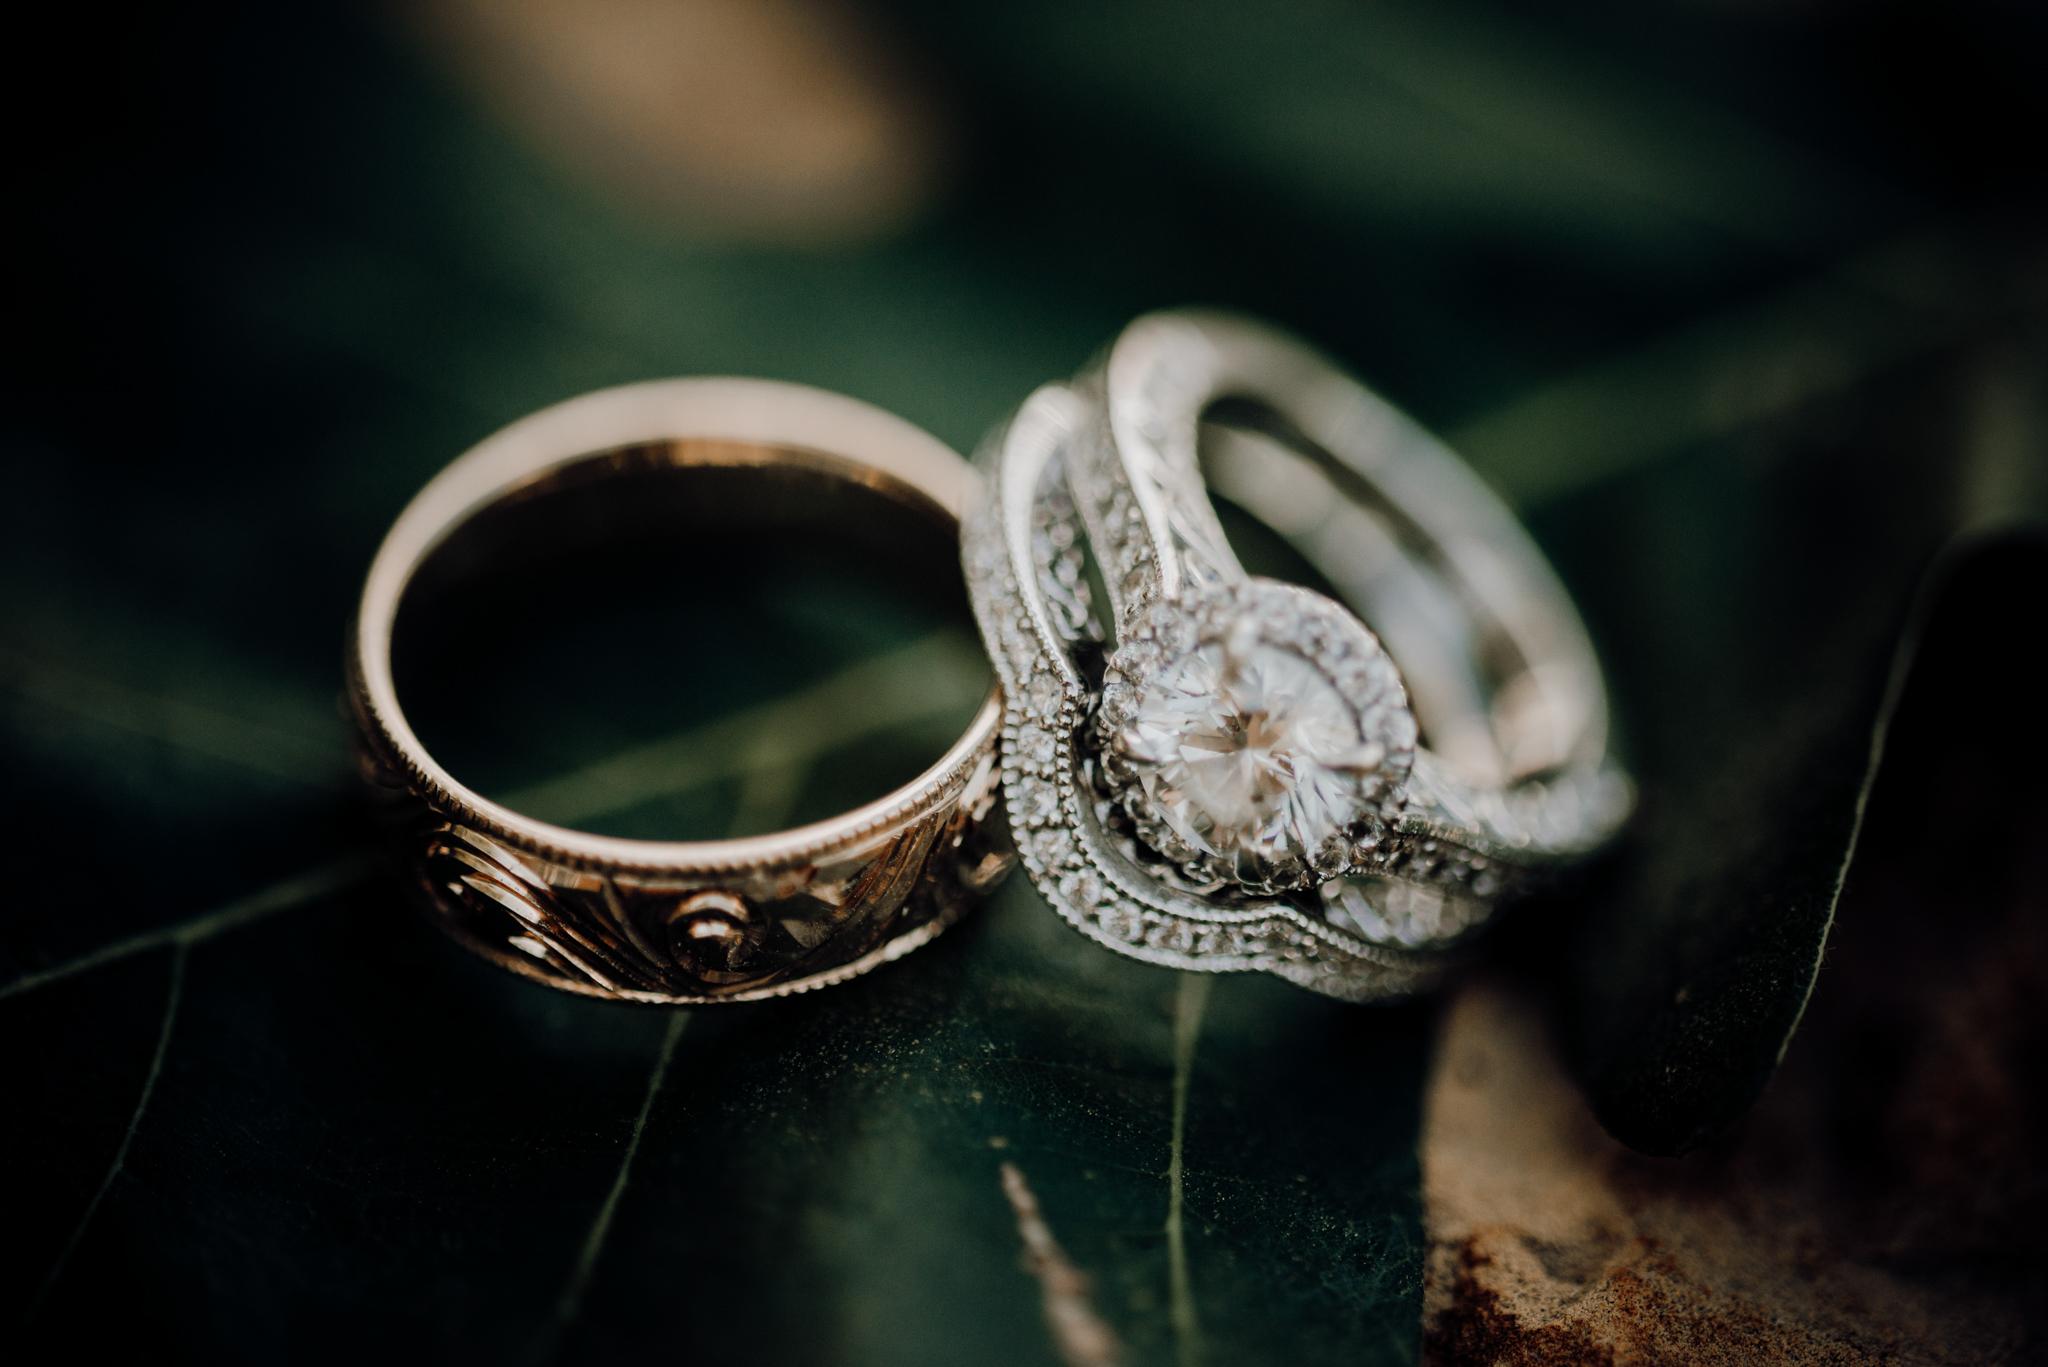 Texas Wedding Photographer-Palo Duro Canyon Sam Sex Wedding- Houston Wedding Photographer -Kristen Giles Photography-2.jpg